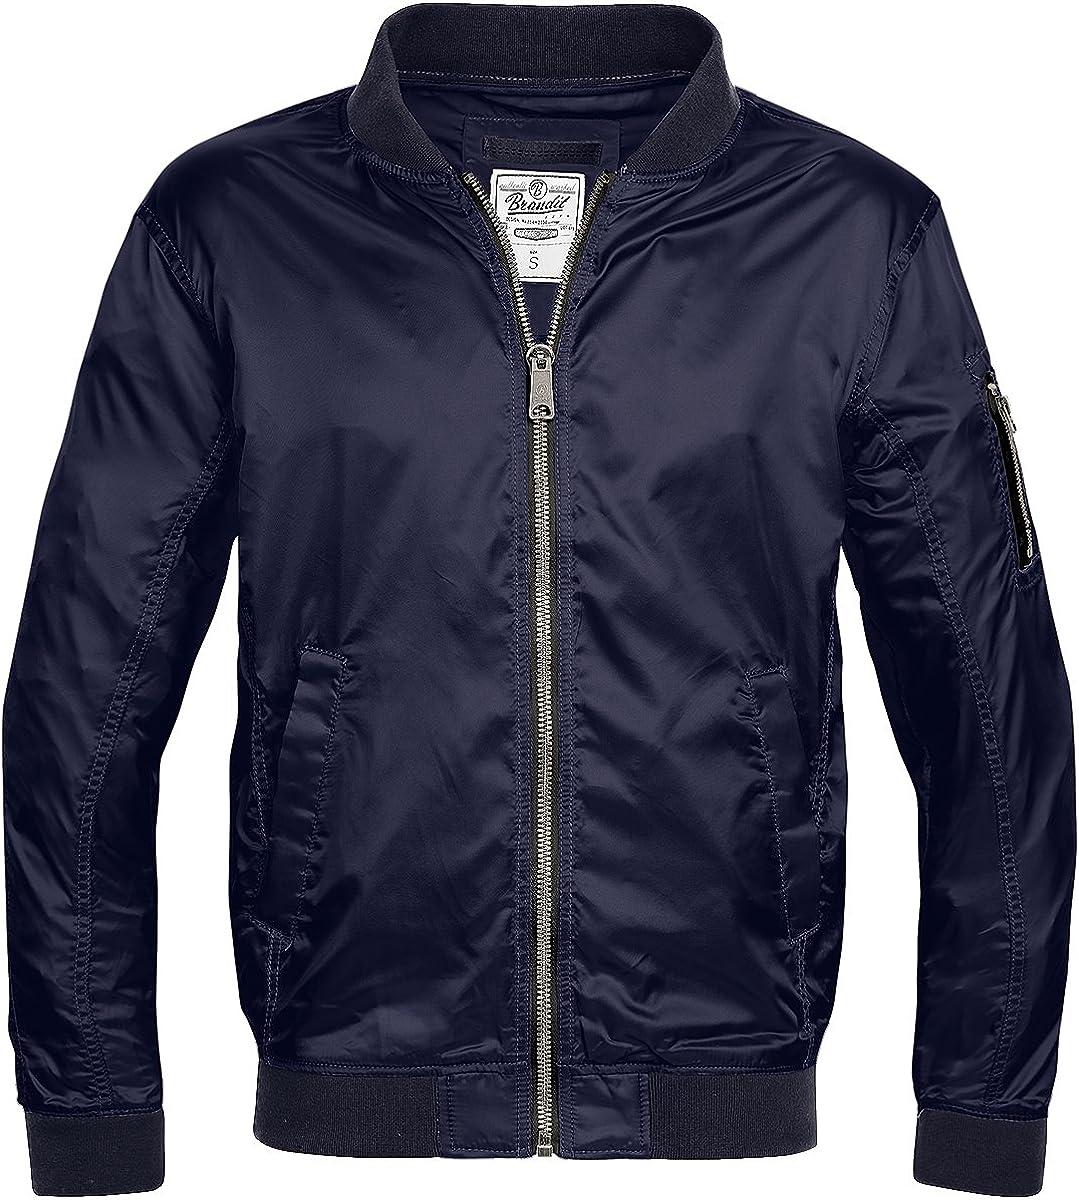 Brandit Men's Portland Navy Excellent Jacket 5 ☆ popular